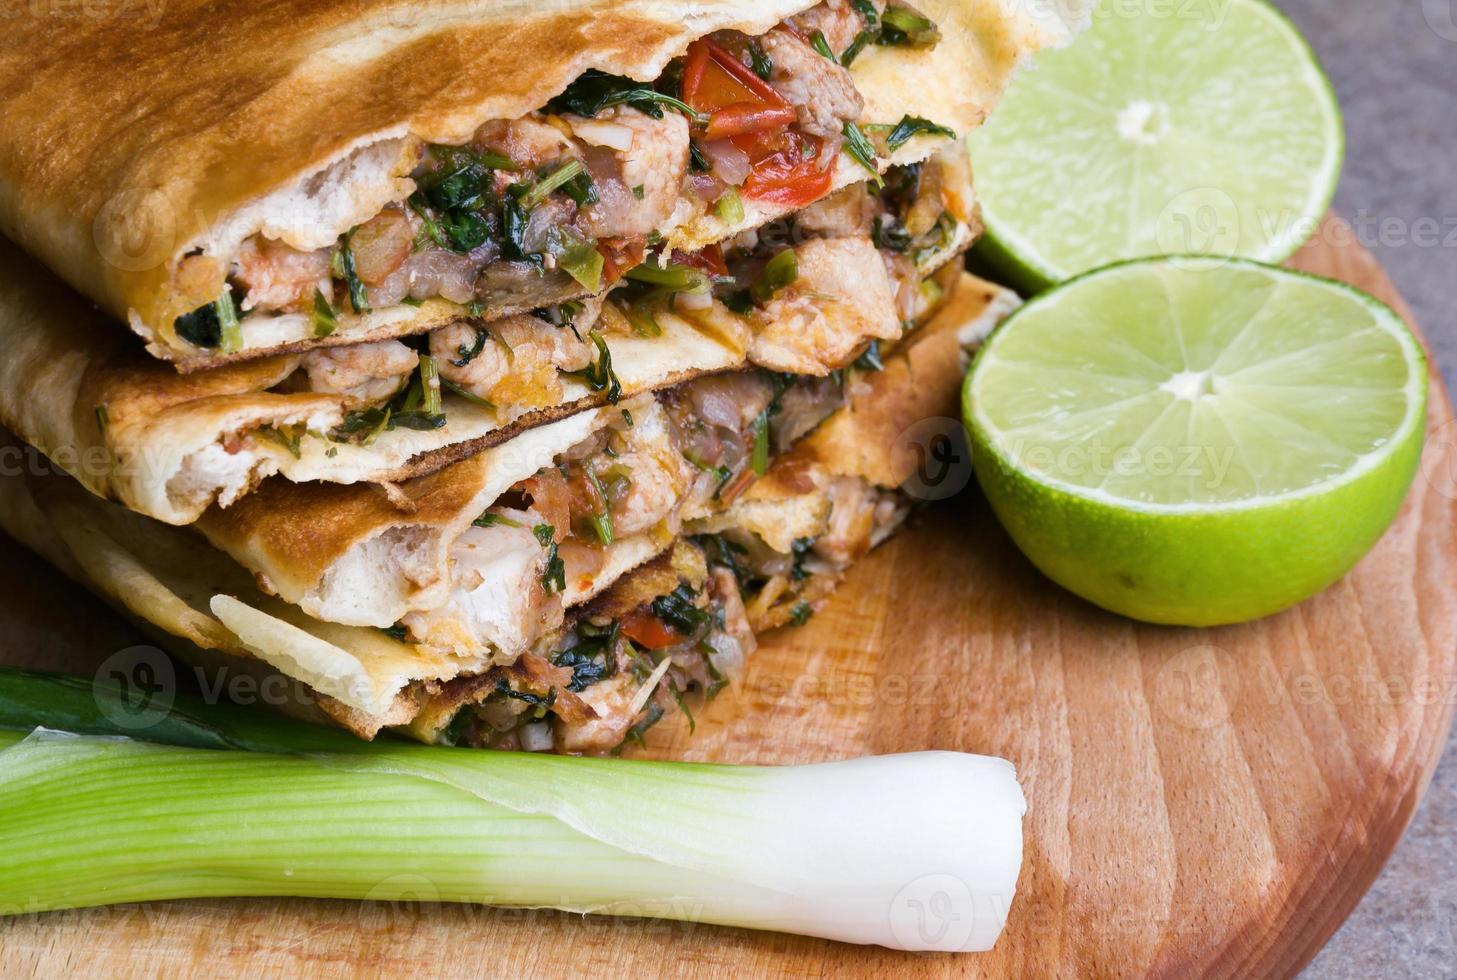 Mexican quesadillas photo